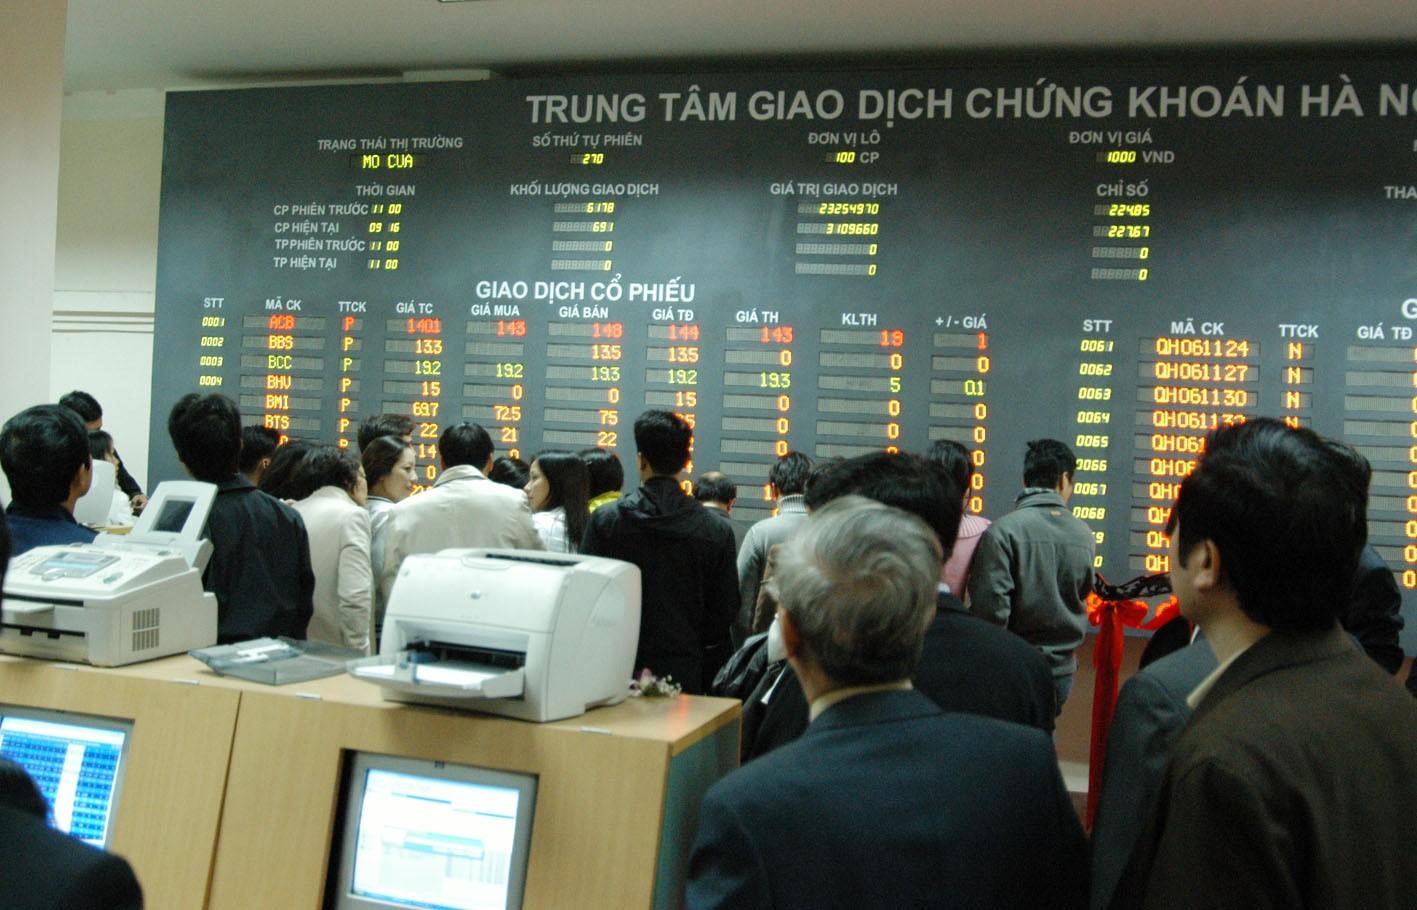 Tài chính - Ngân hàng - Thị trường chứng khoán đỏ sàn, khối lượng giao dịch tăng đột biến